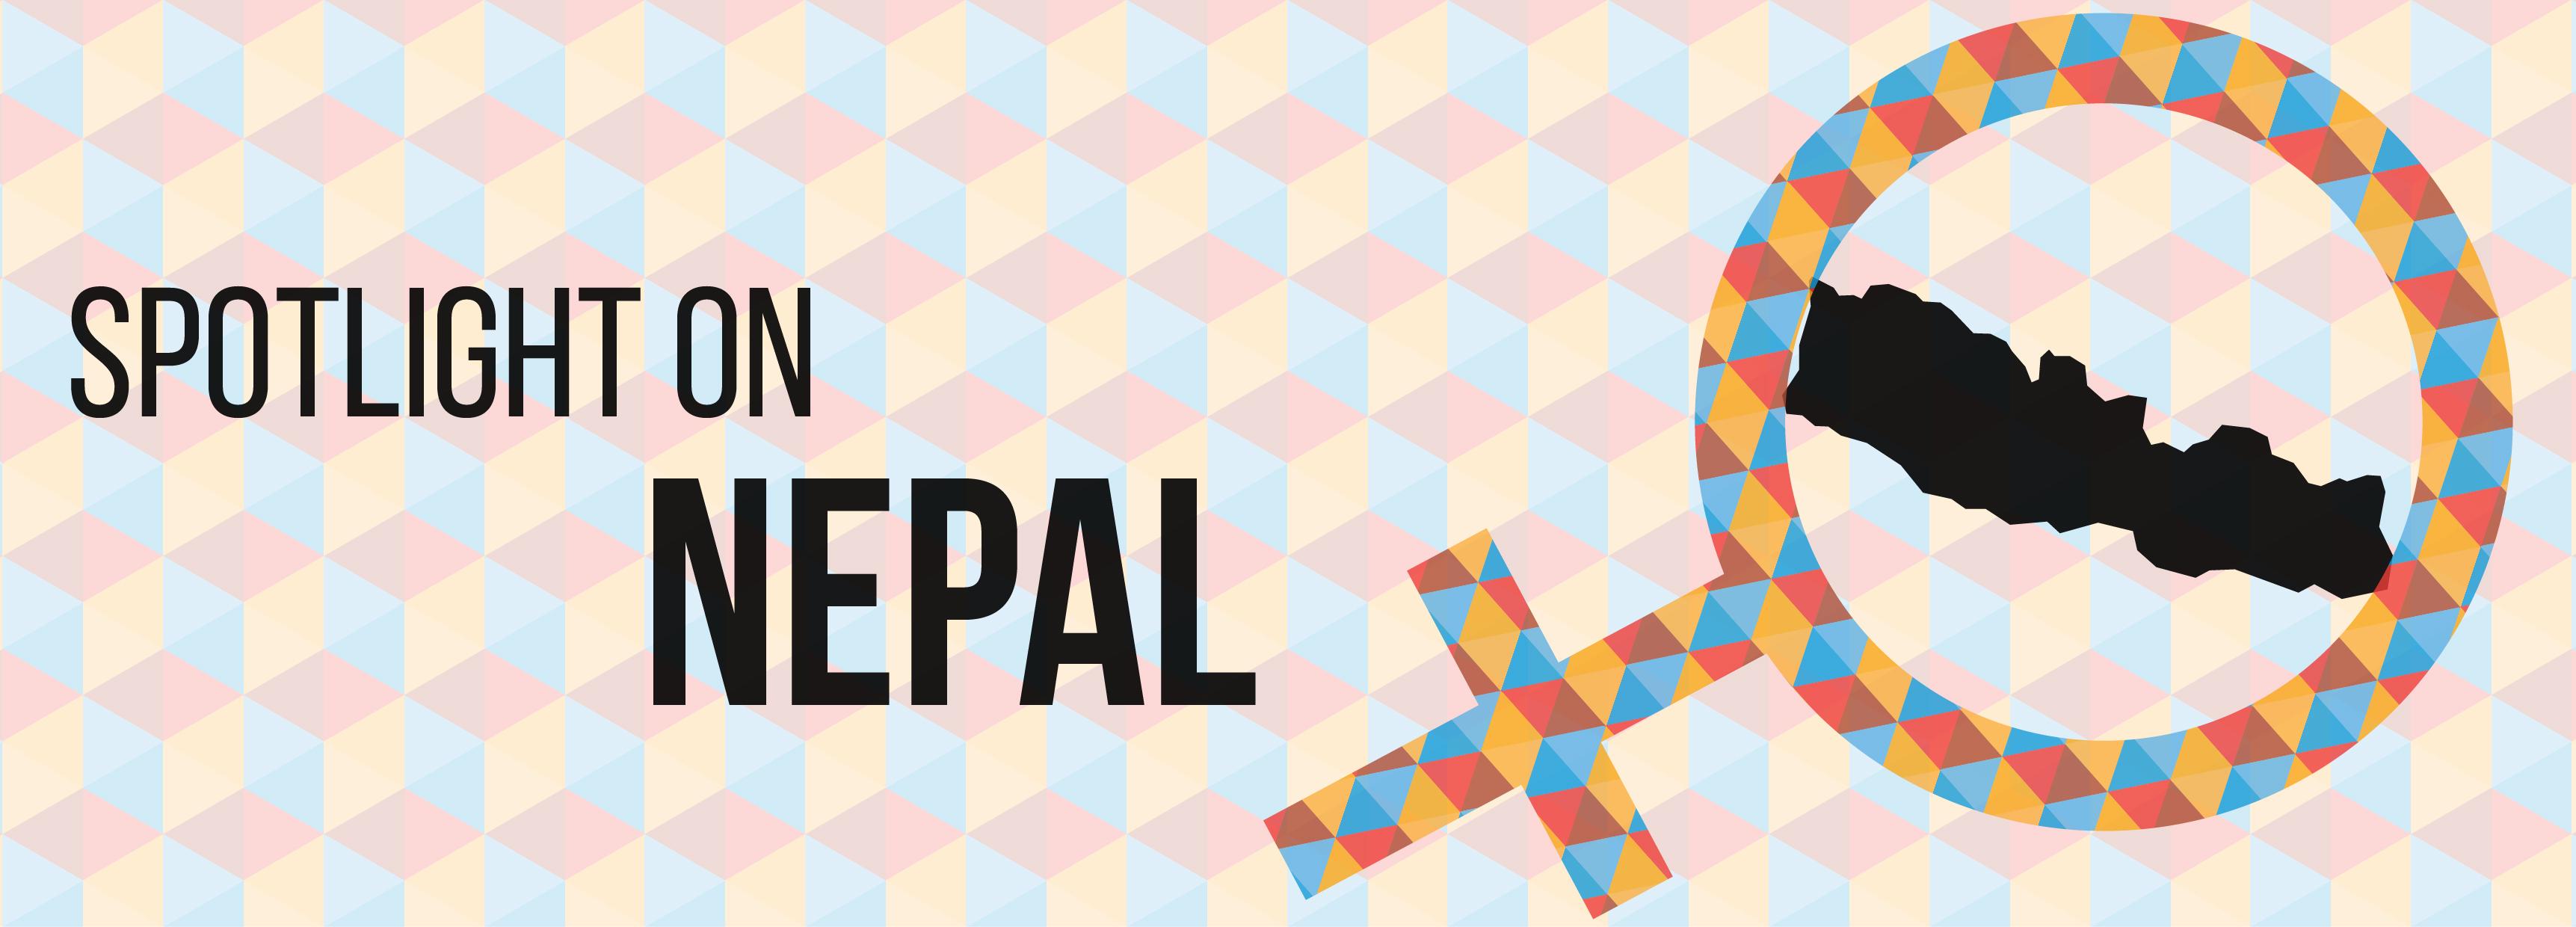 Blog Headers_spotlight on Nepal